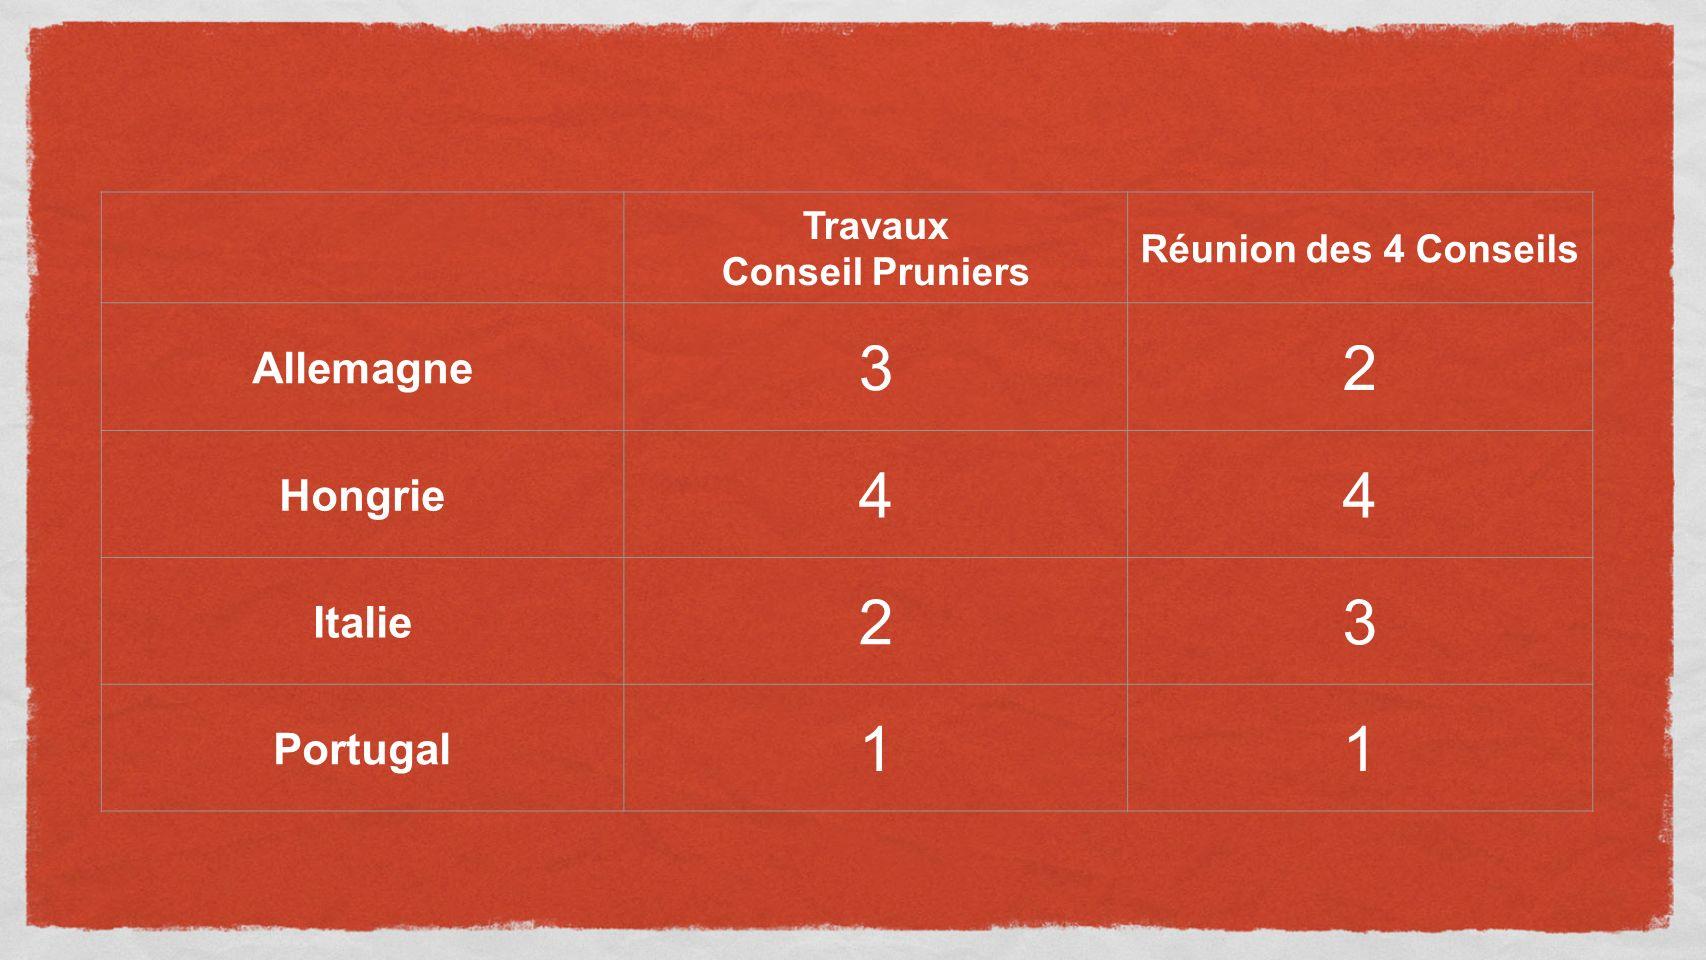 Travaux Conseil Pruniers Réunion des 4 Conseils Allemagne 32 Hongrie 44 Italie 23 Portugal 11